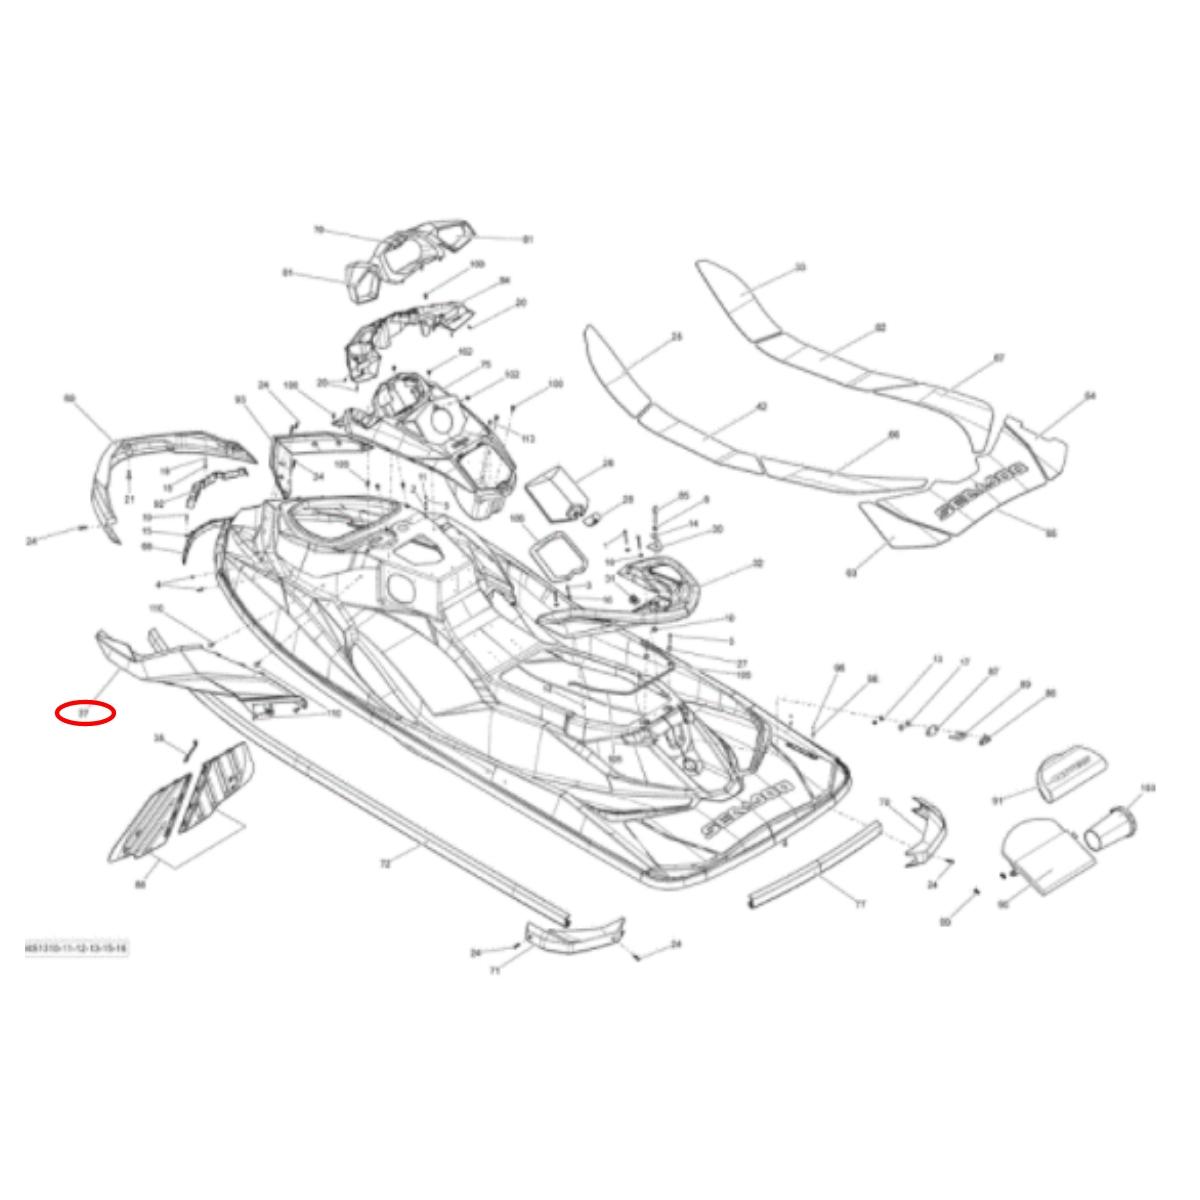 Carenagem Lateral Esquerdo Sea Doo Gti 11/13 Lh Branca (Transporte a combinar)  - Radical Peças - Peças para Jet Ski